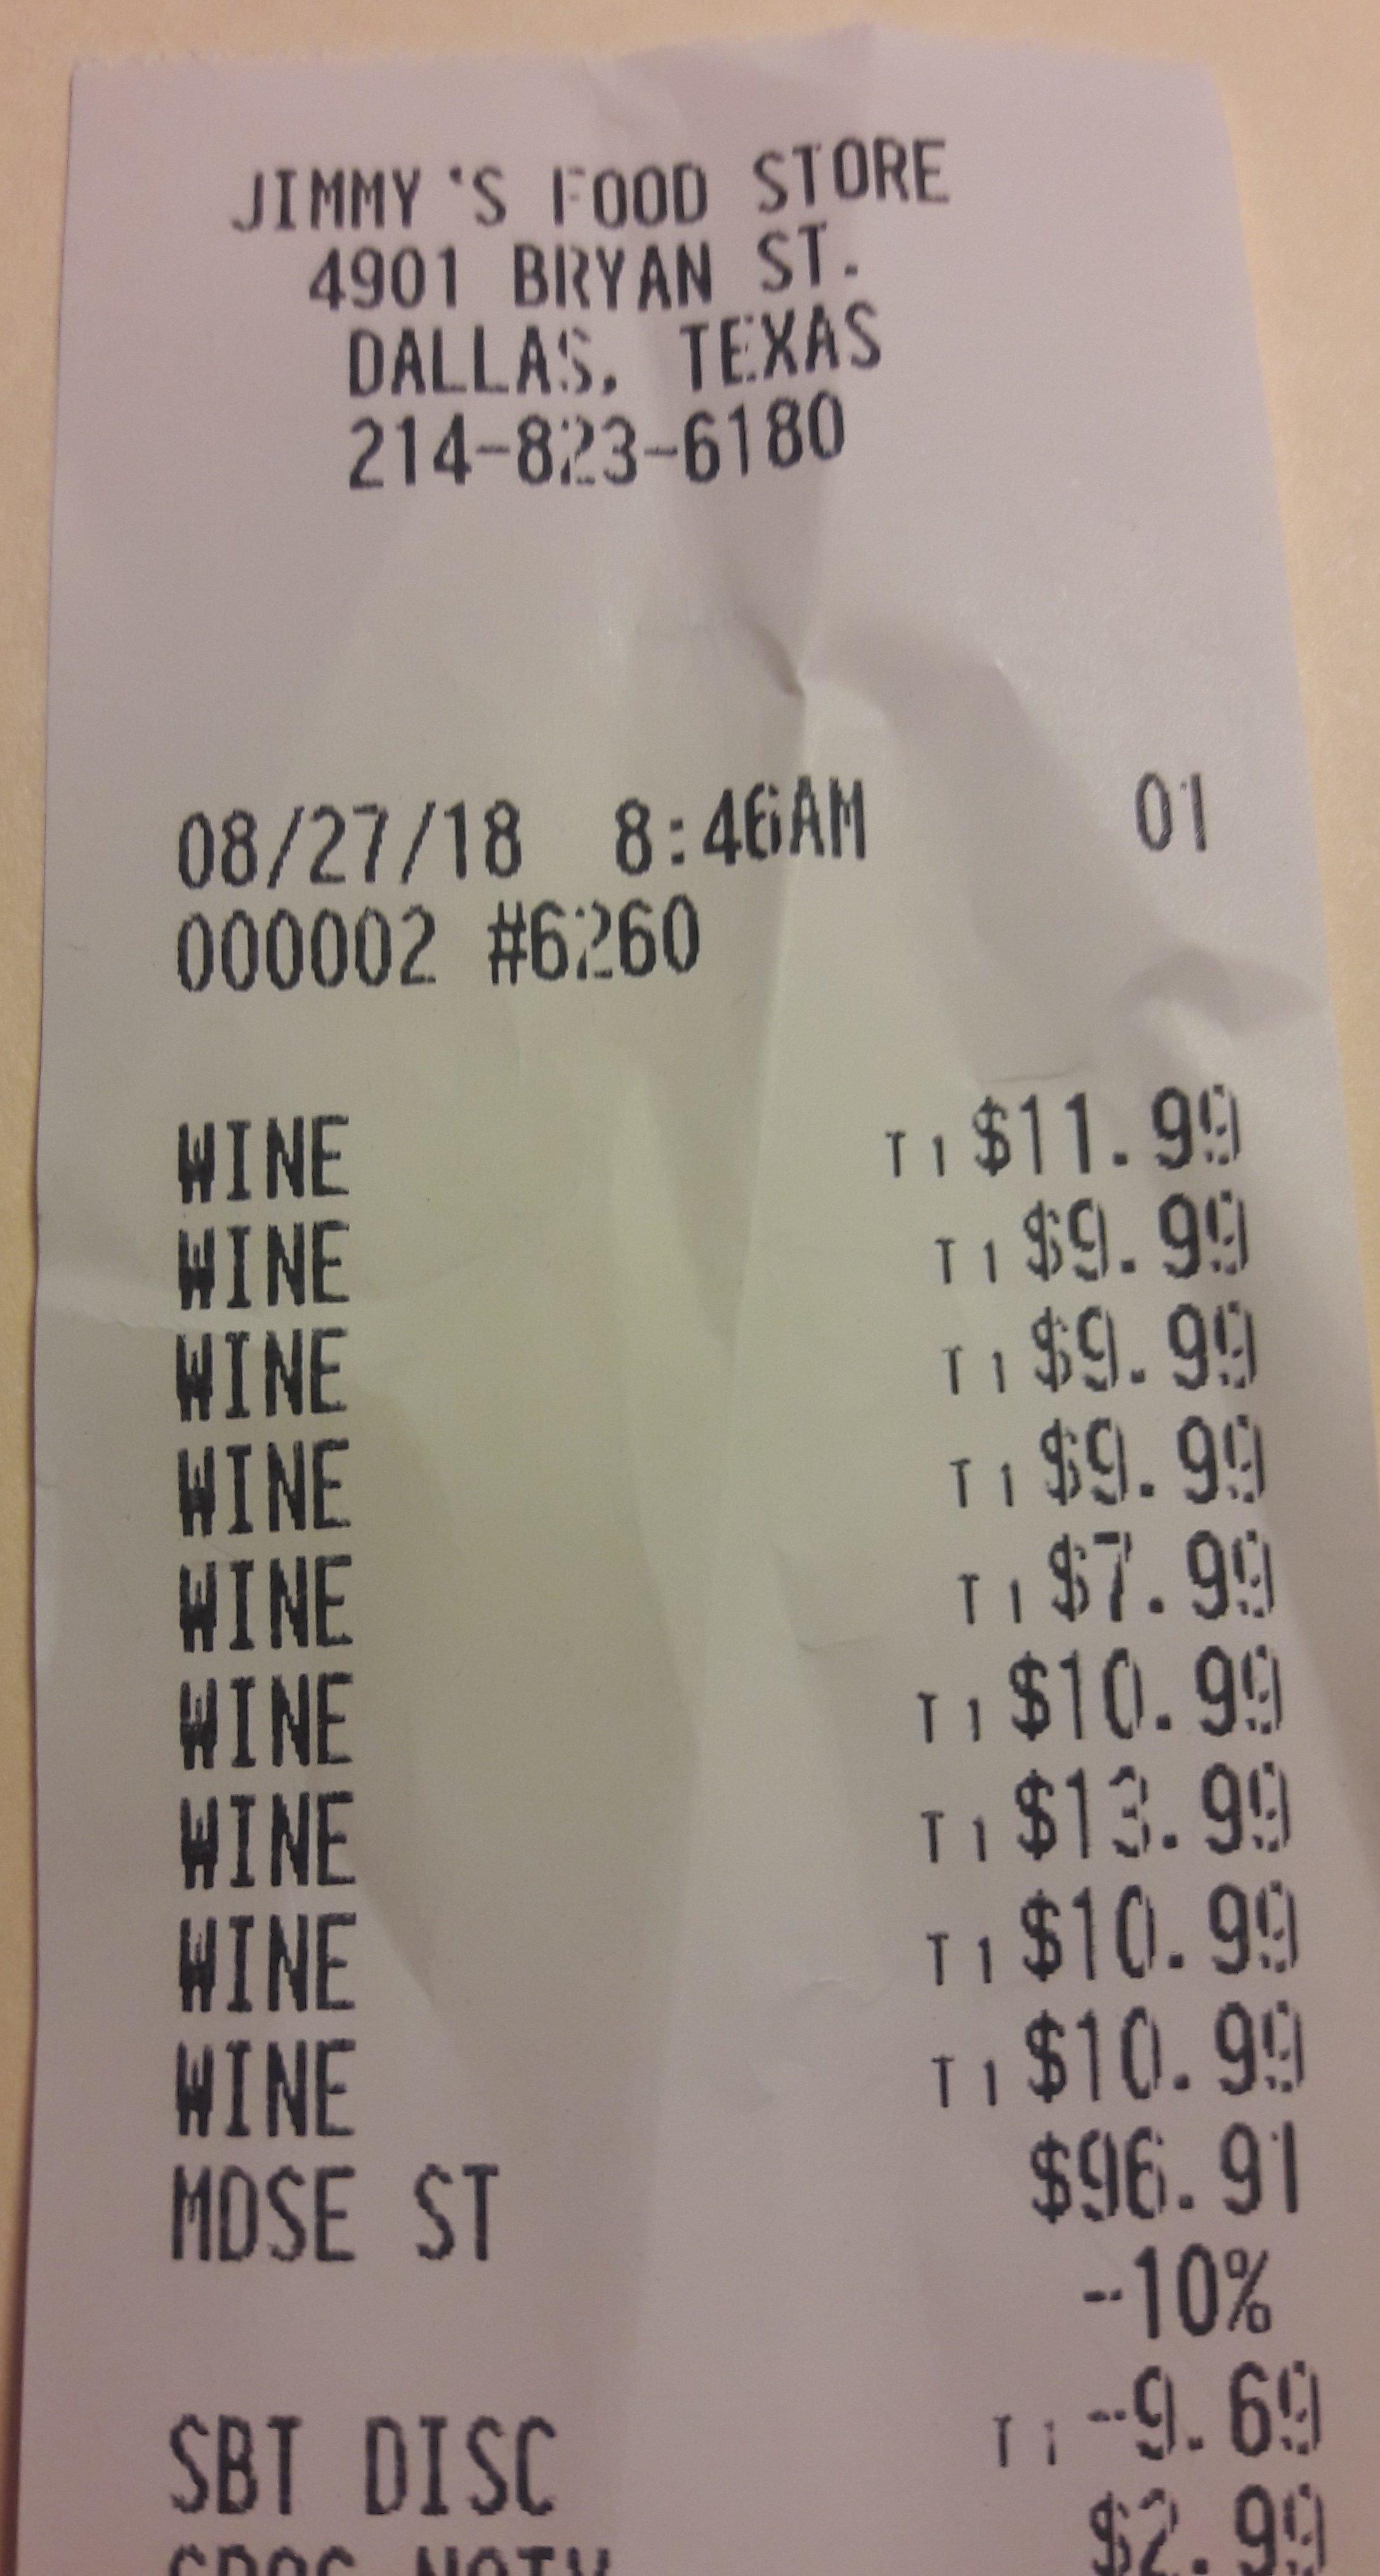 $10 wine